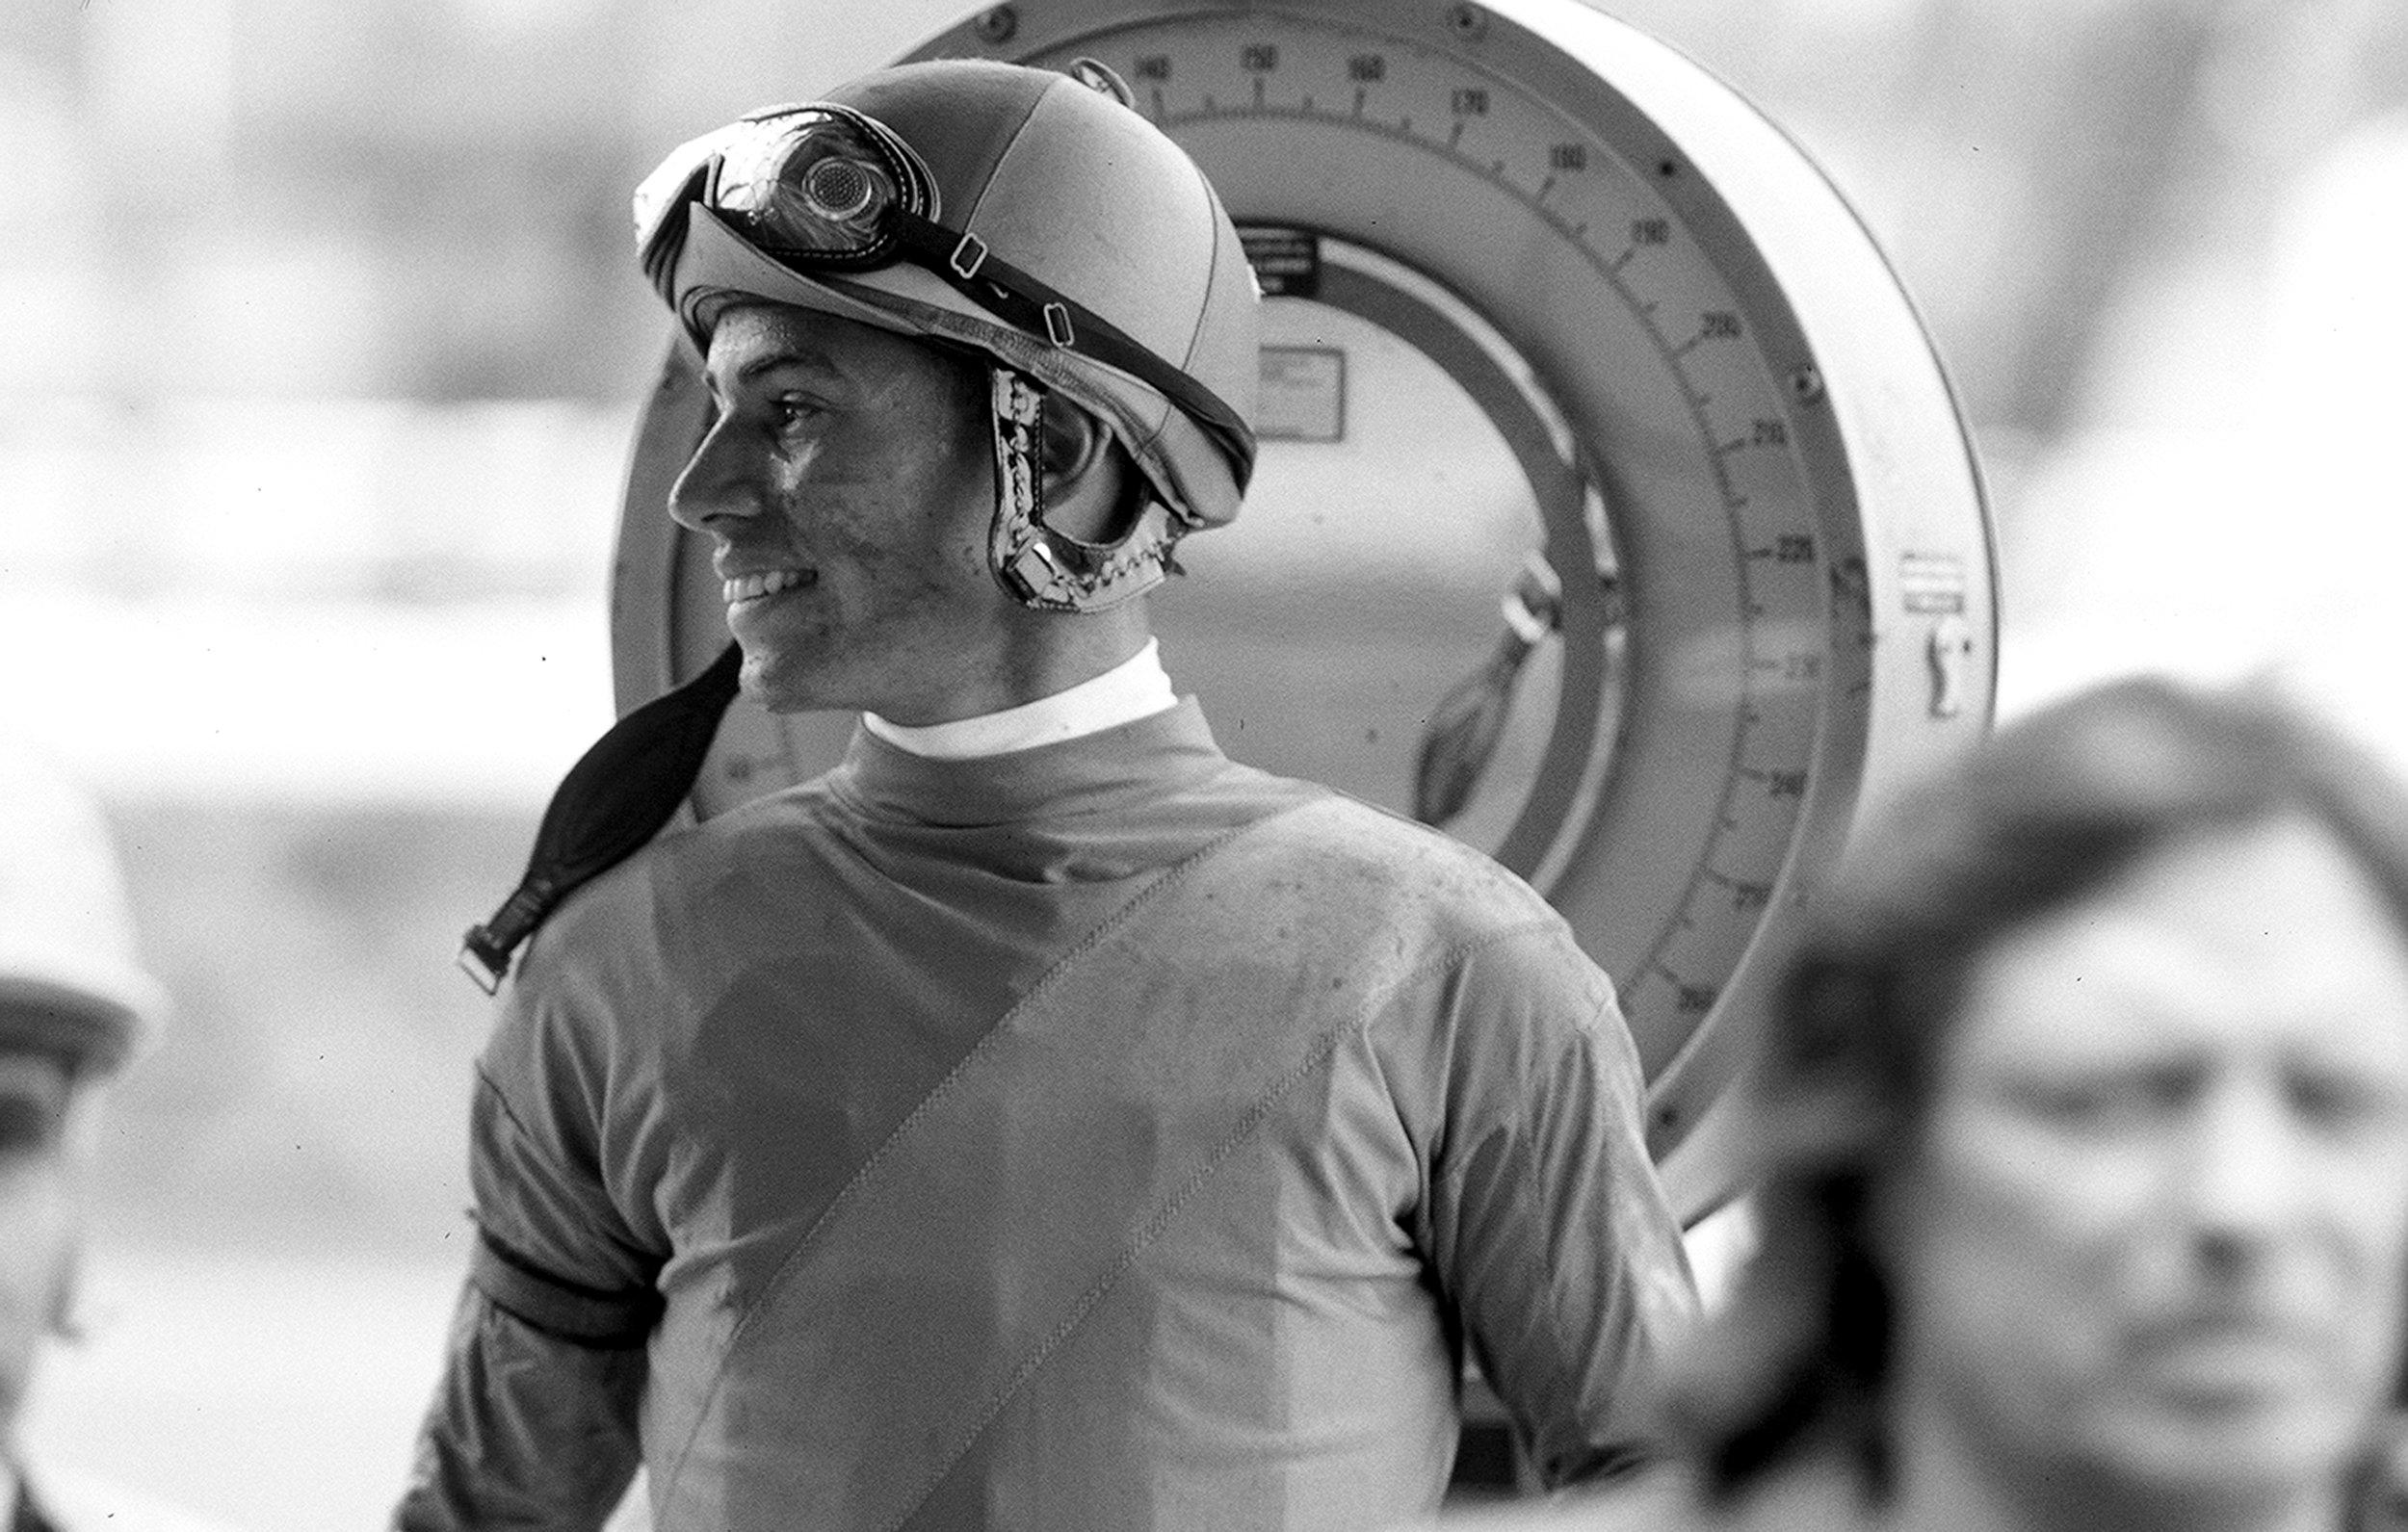 A Jockey making weight.